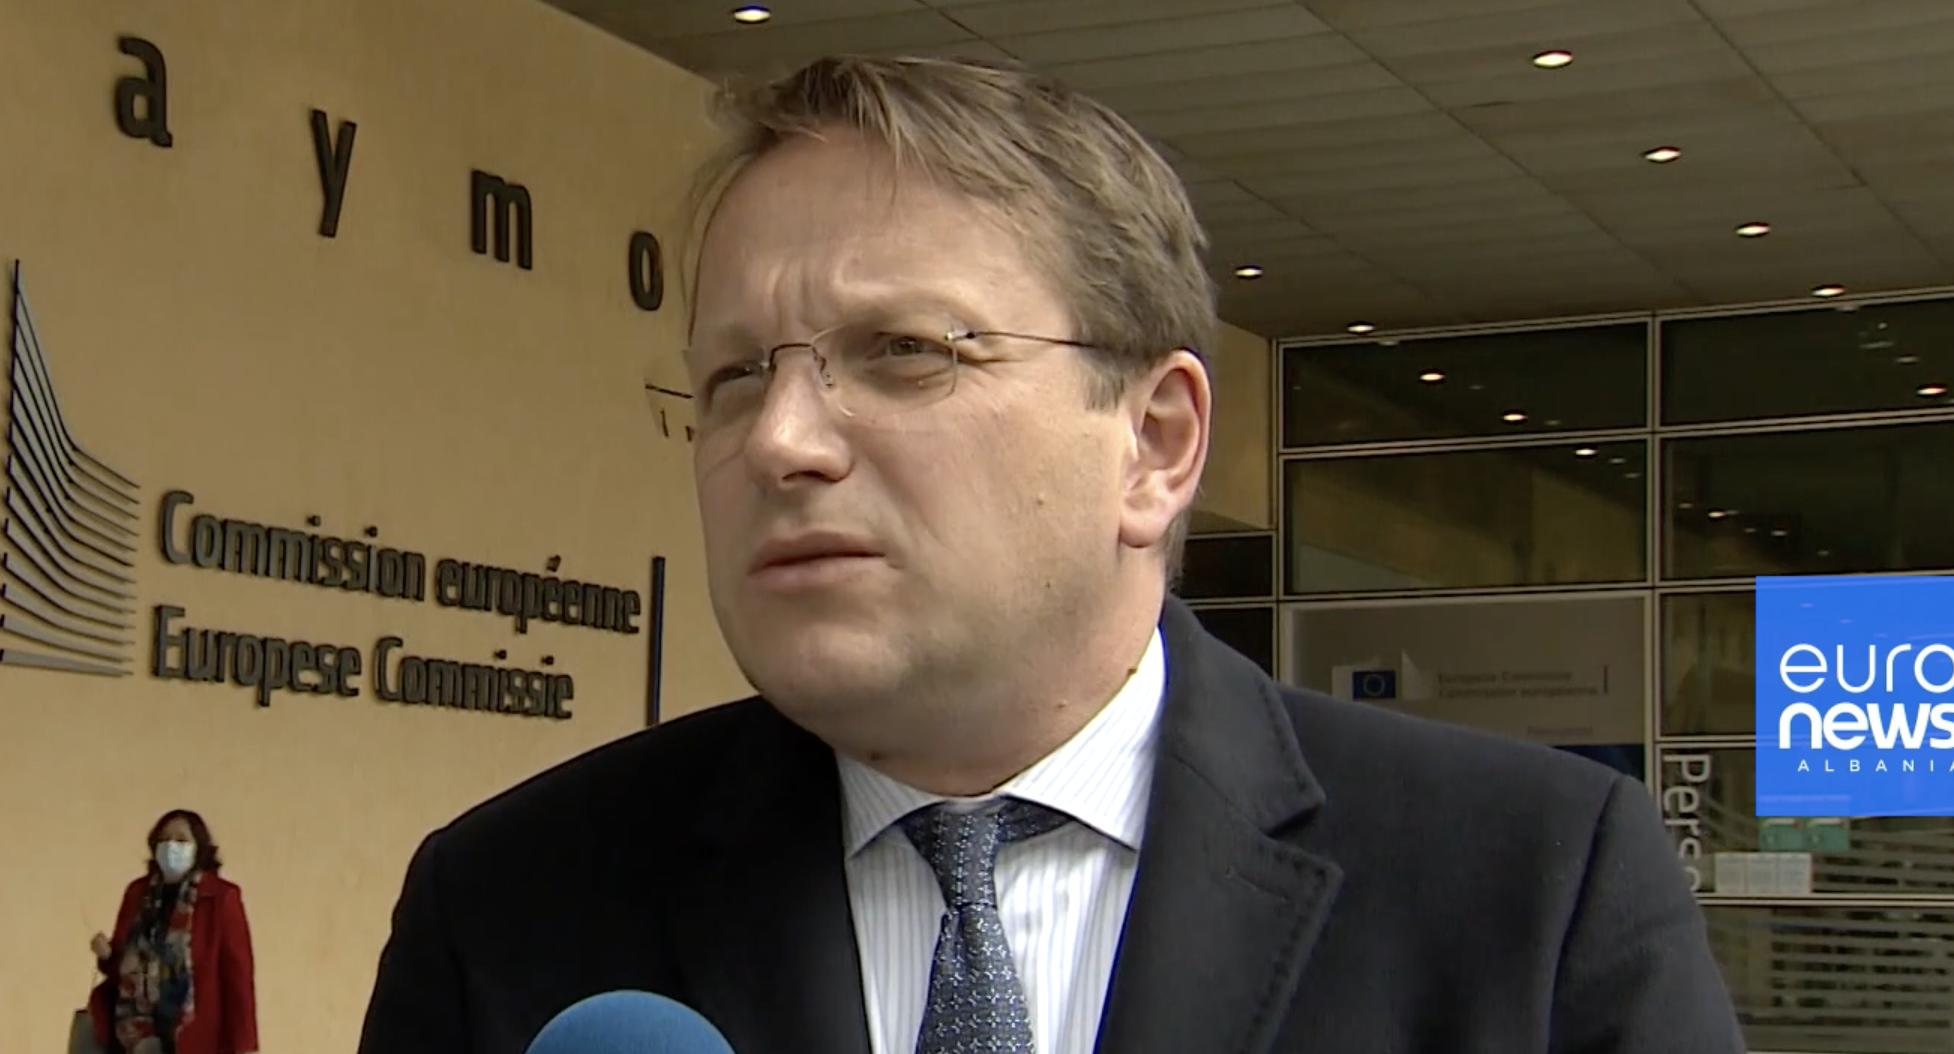 Varhelyi: Albanija bi mogla početi pregovore o pridruživanju bez Severne Makedonije